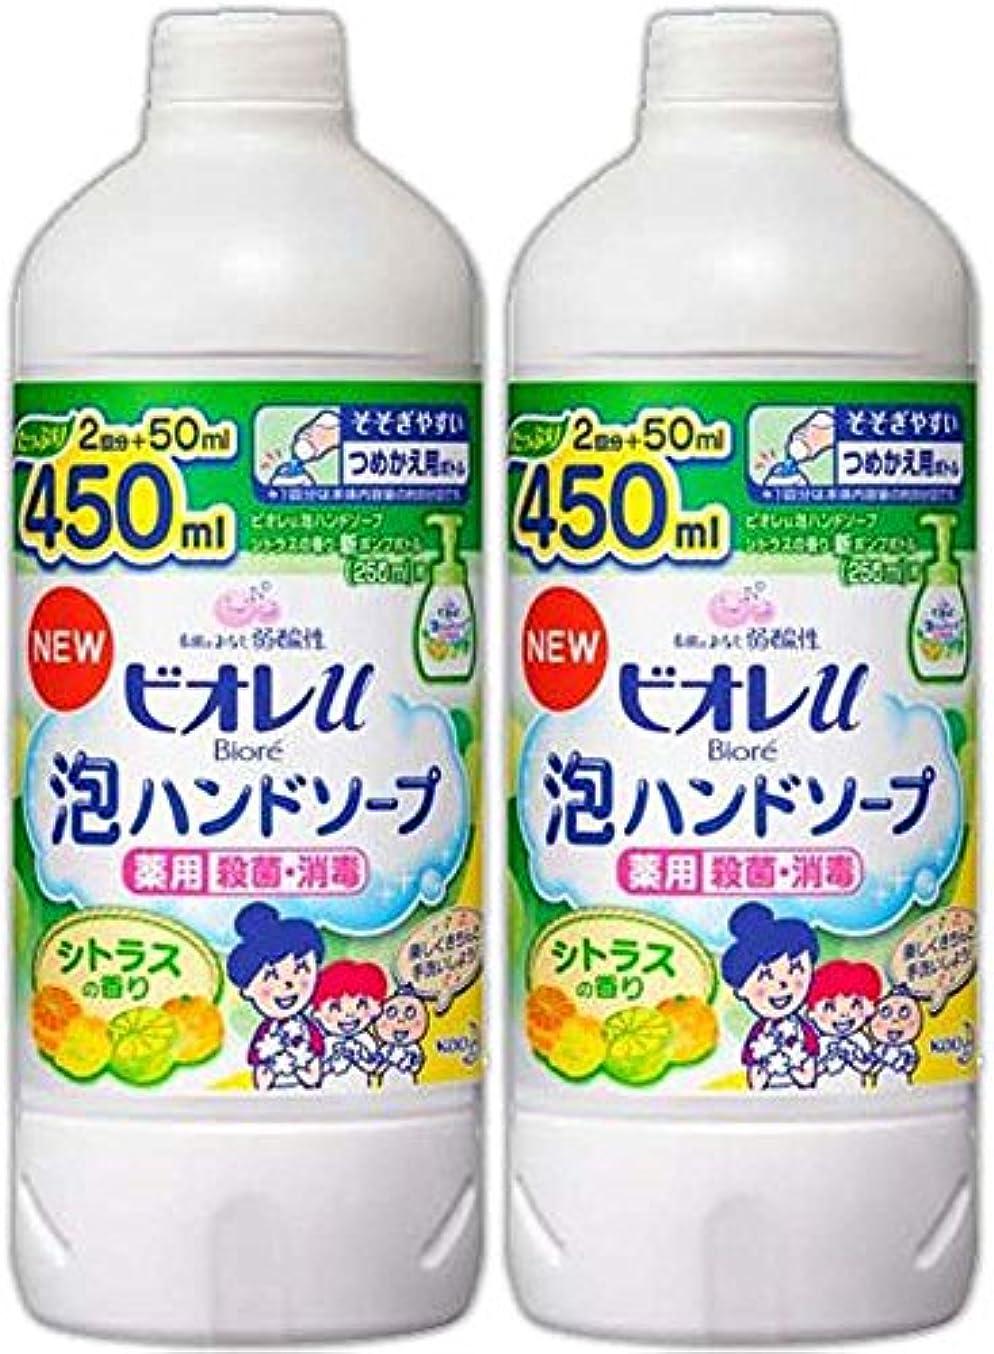 完全に乾く利点よく話される花王 ビオレu泡 ハンドソープ シトラス 詰替 2P